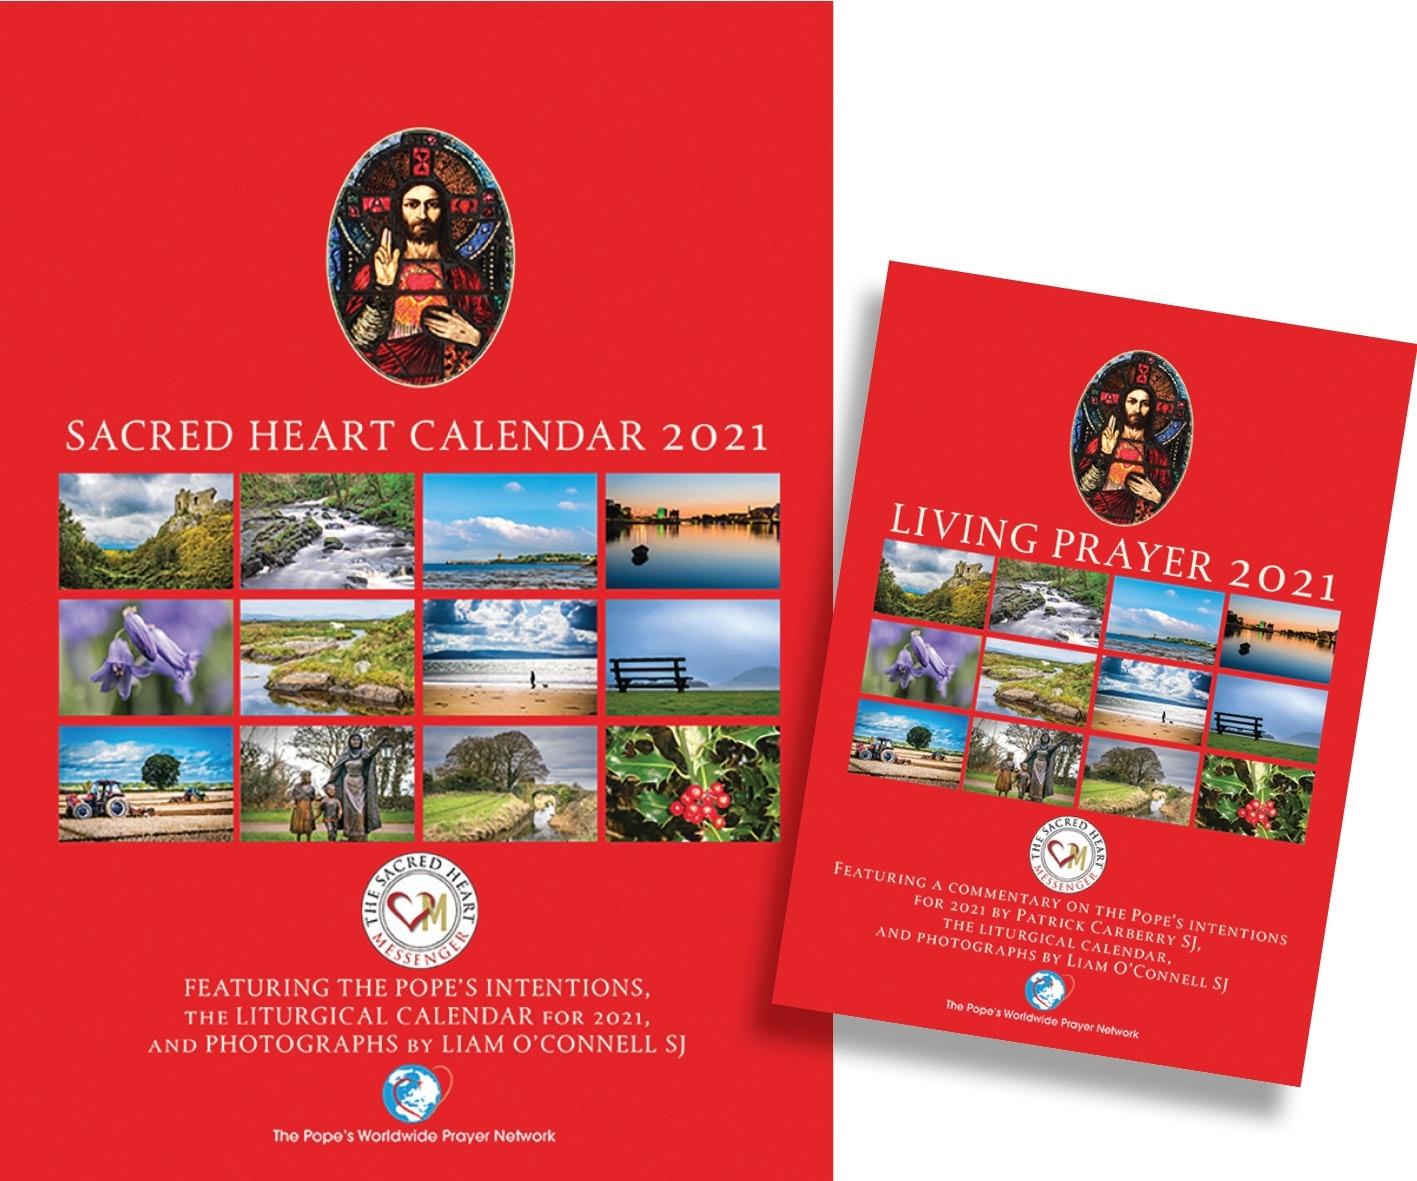 Liturgical Calendar 2021 - Liturgical Calendar Sundays And